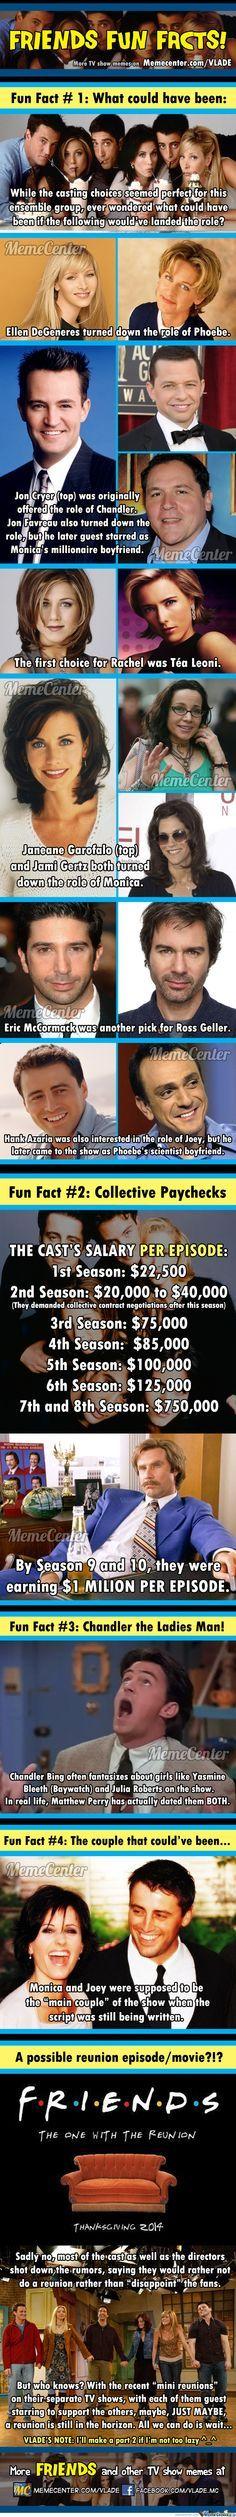 Friends Fun Facts!